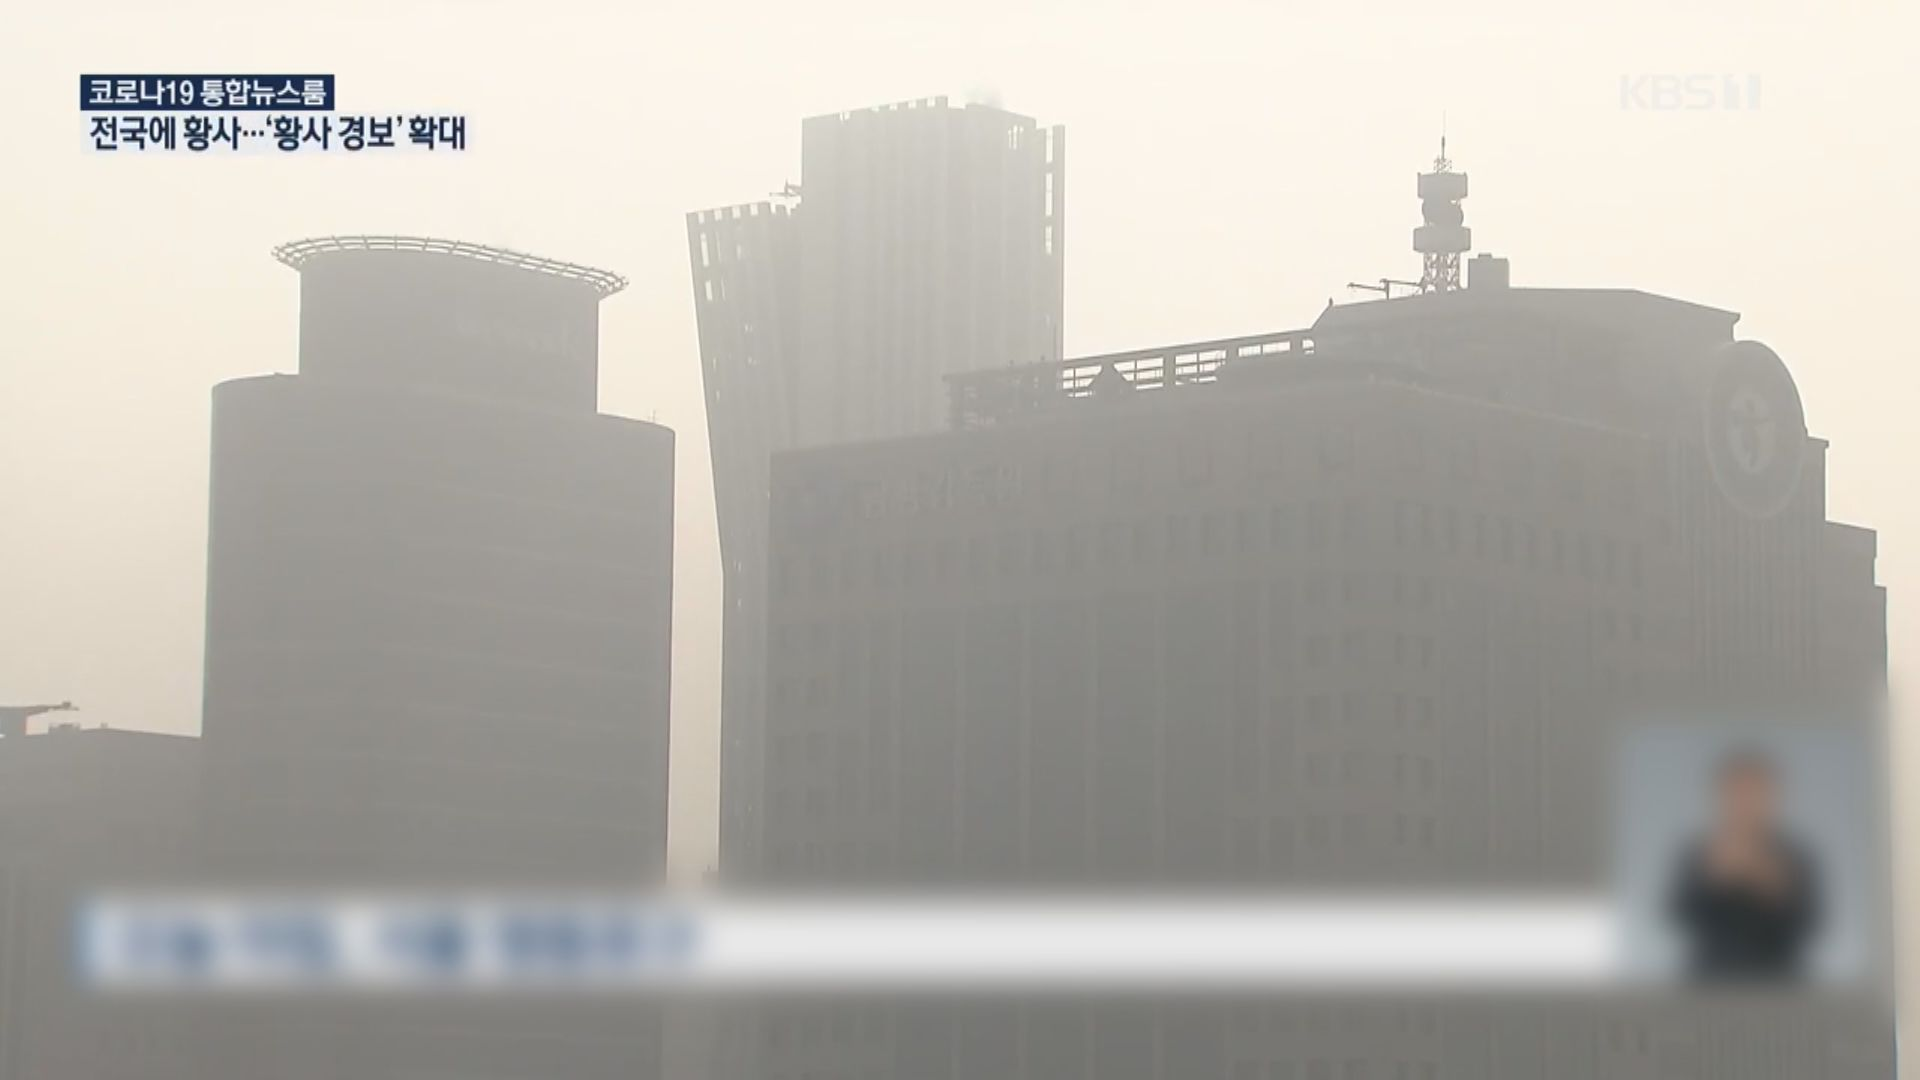 內地沙塵天氣持續 影響日本及南韓多地